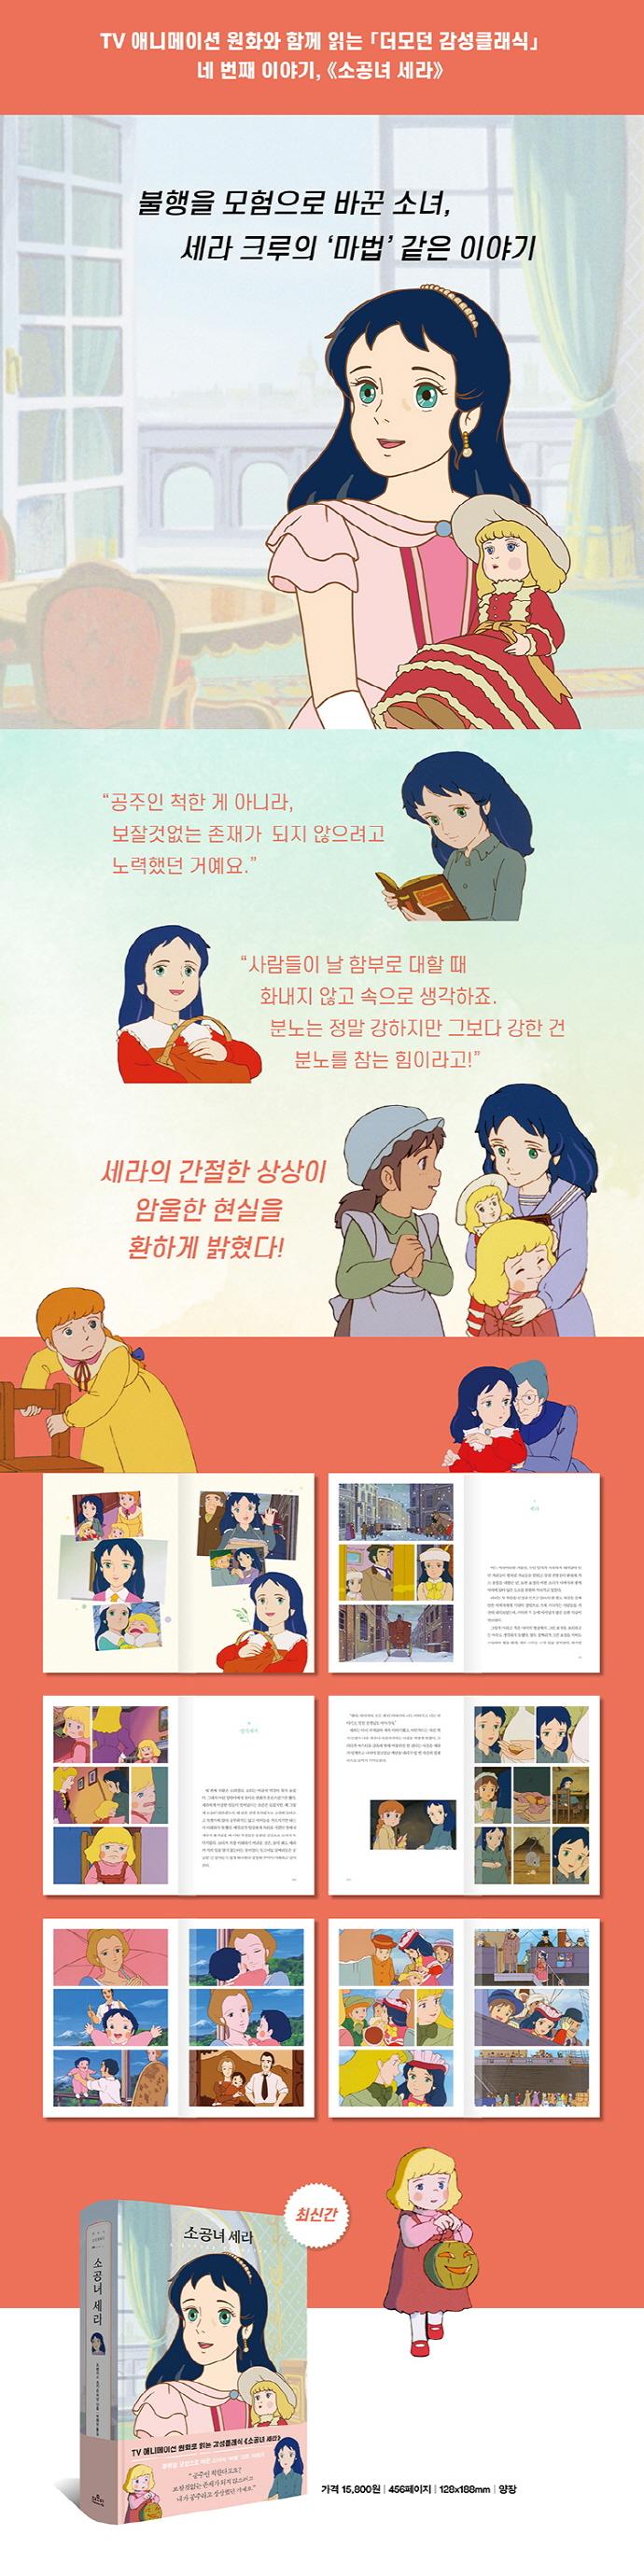 소공녀 세라(더모던감성클래식 4)(양장본 HardCover) 도서 상세이미지